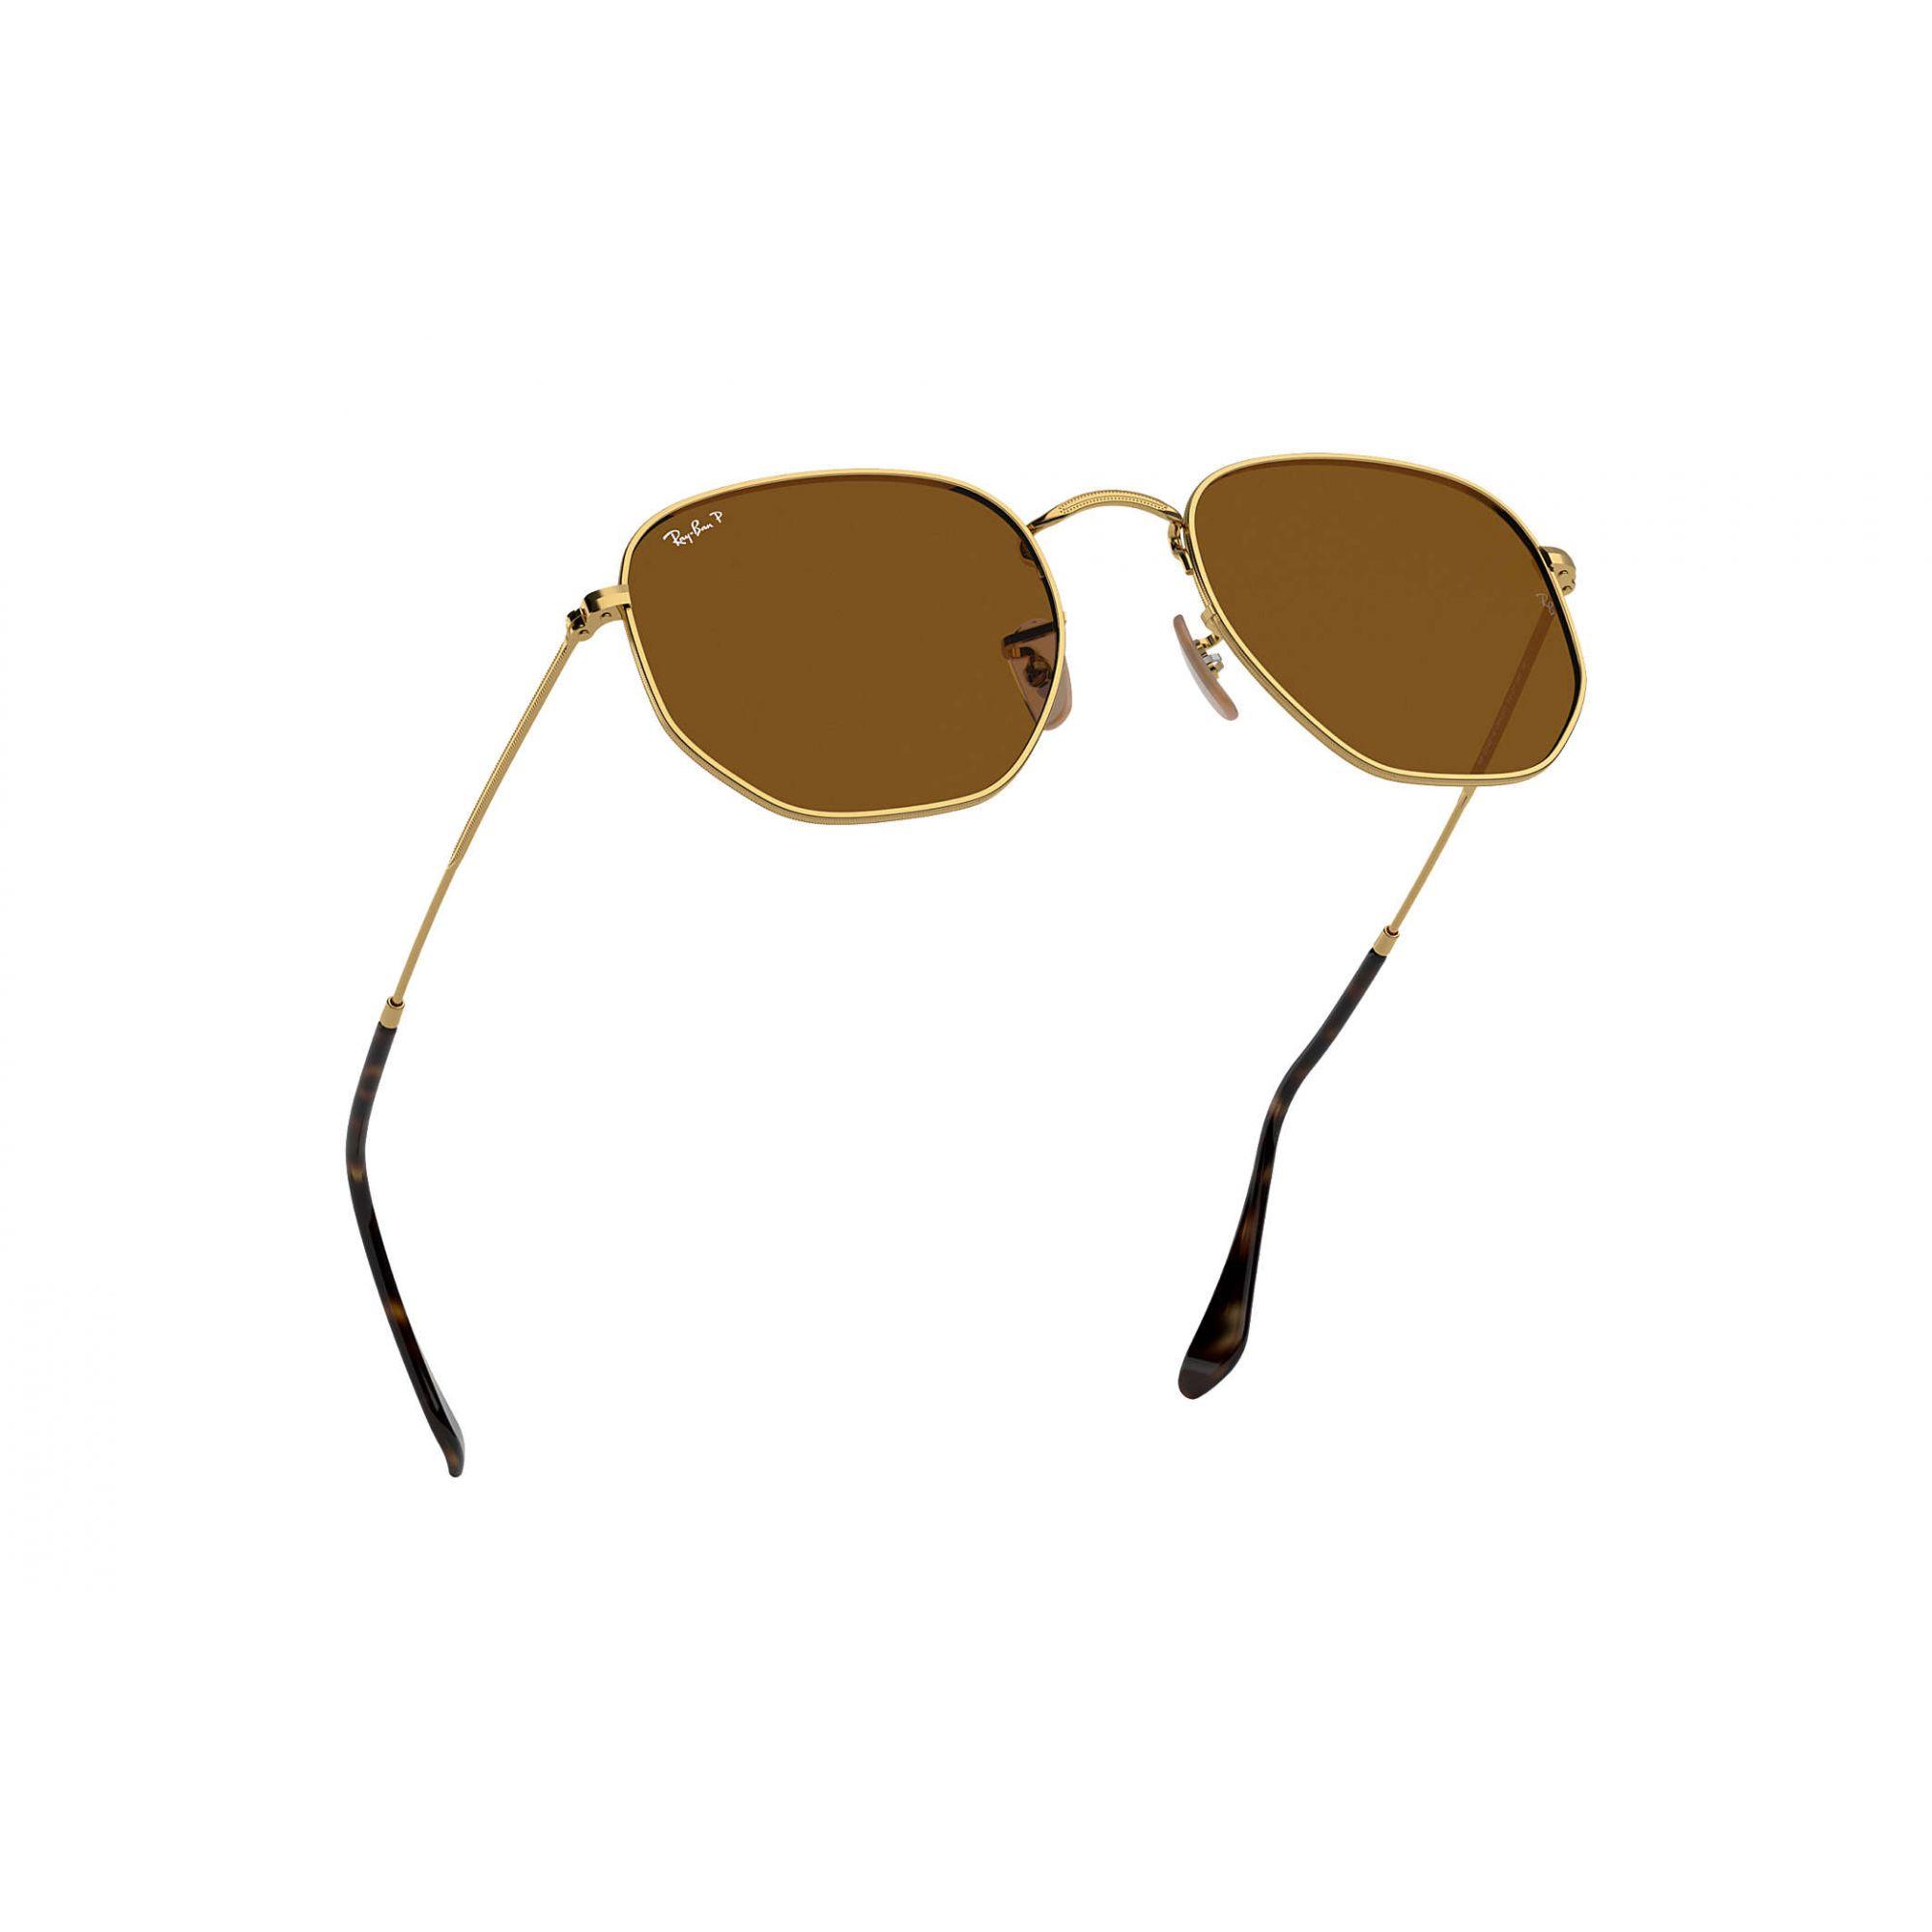 Ray Ban - RB3548NL 0015754 - Óculos de sol